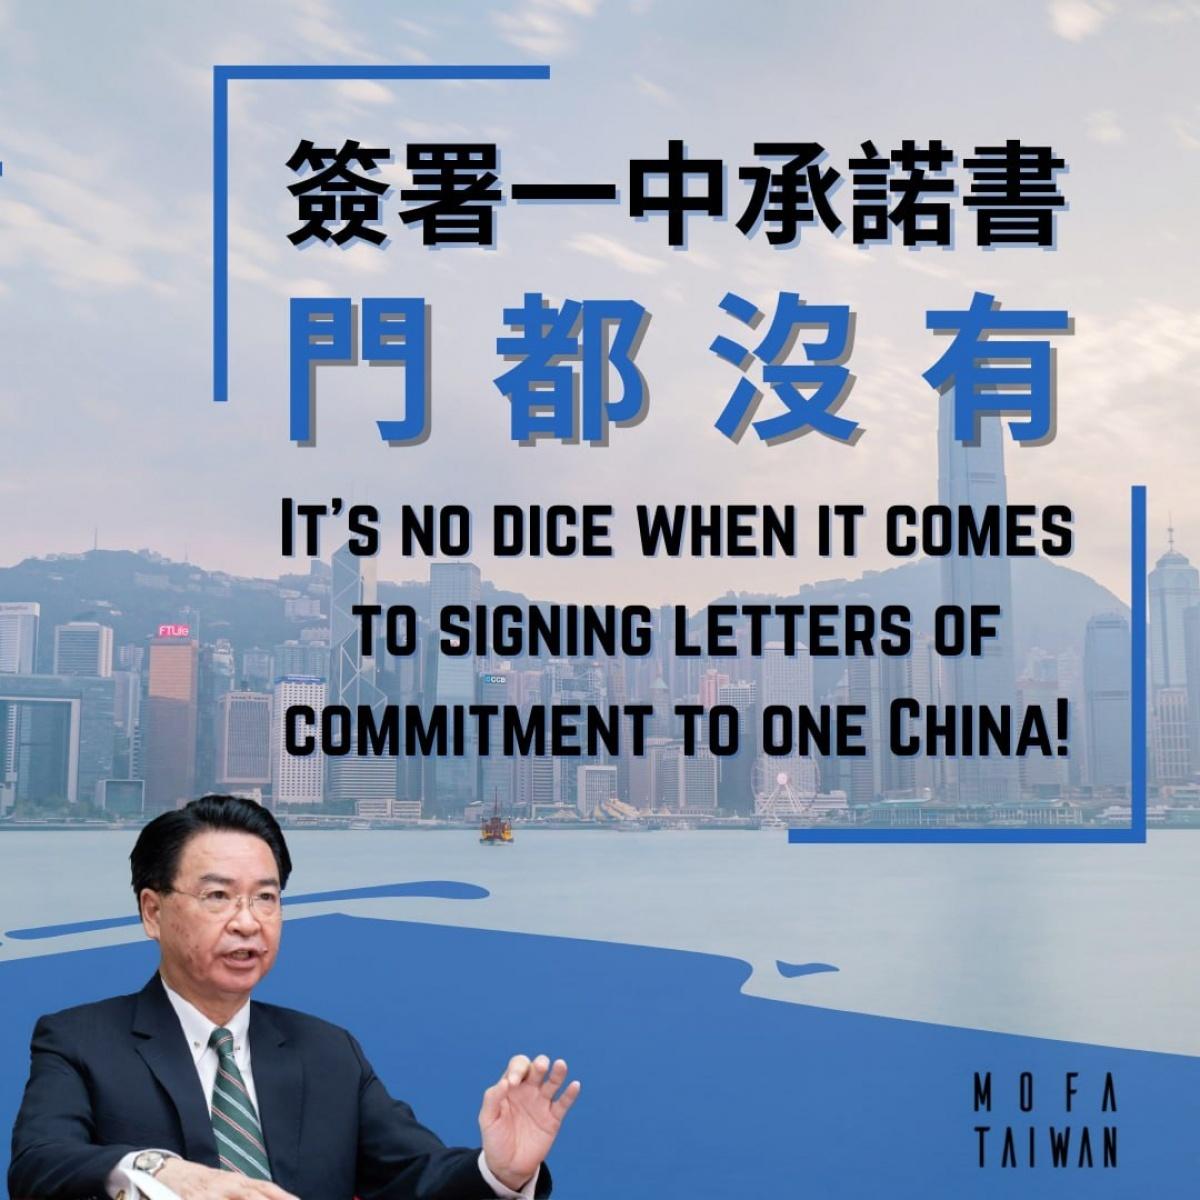 我派駐香港人員被逼簽「一中承諾書」 外交部:門都沒有